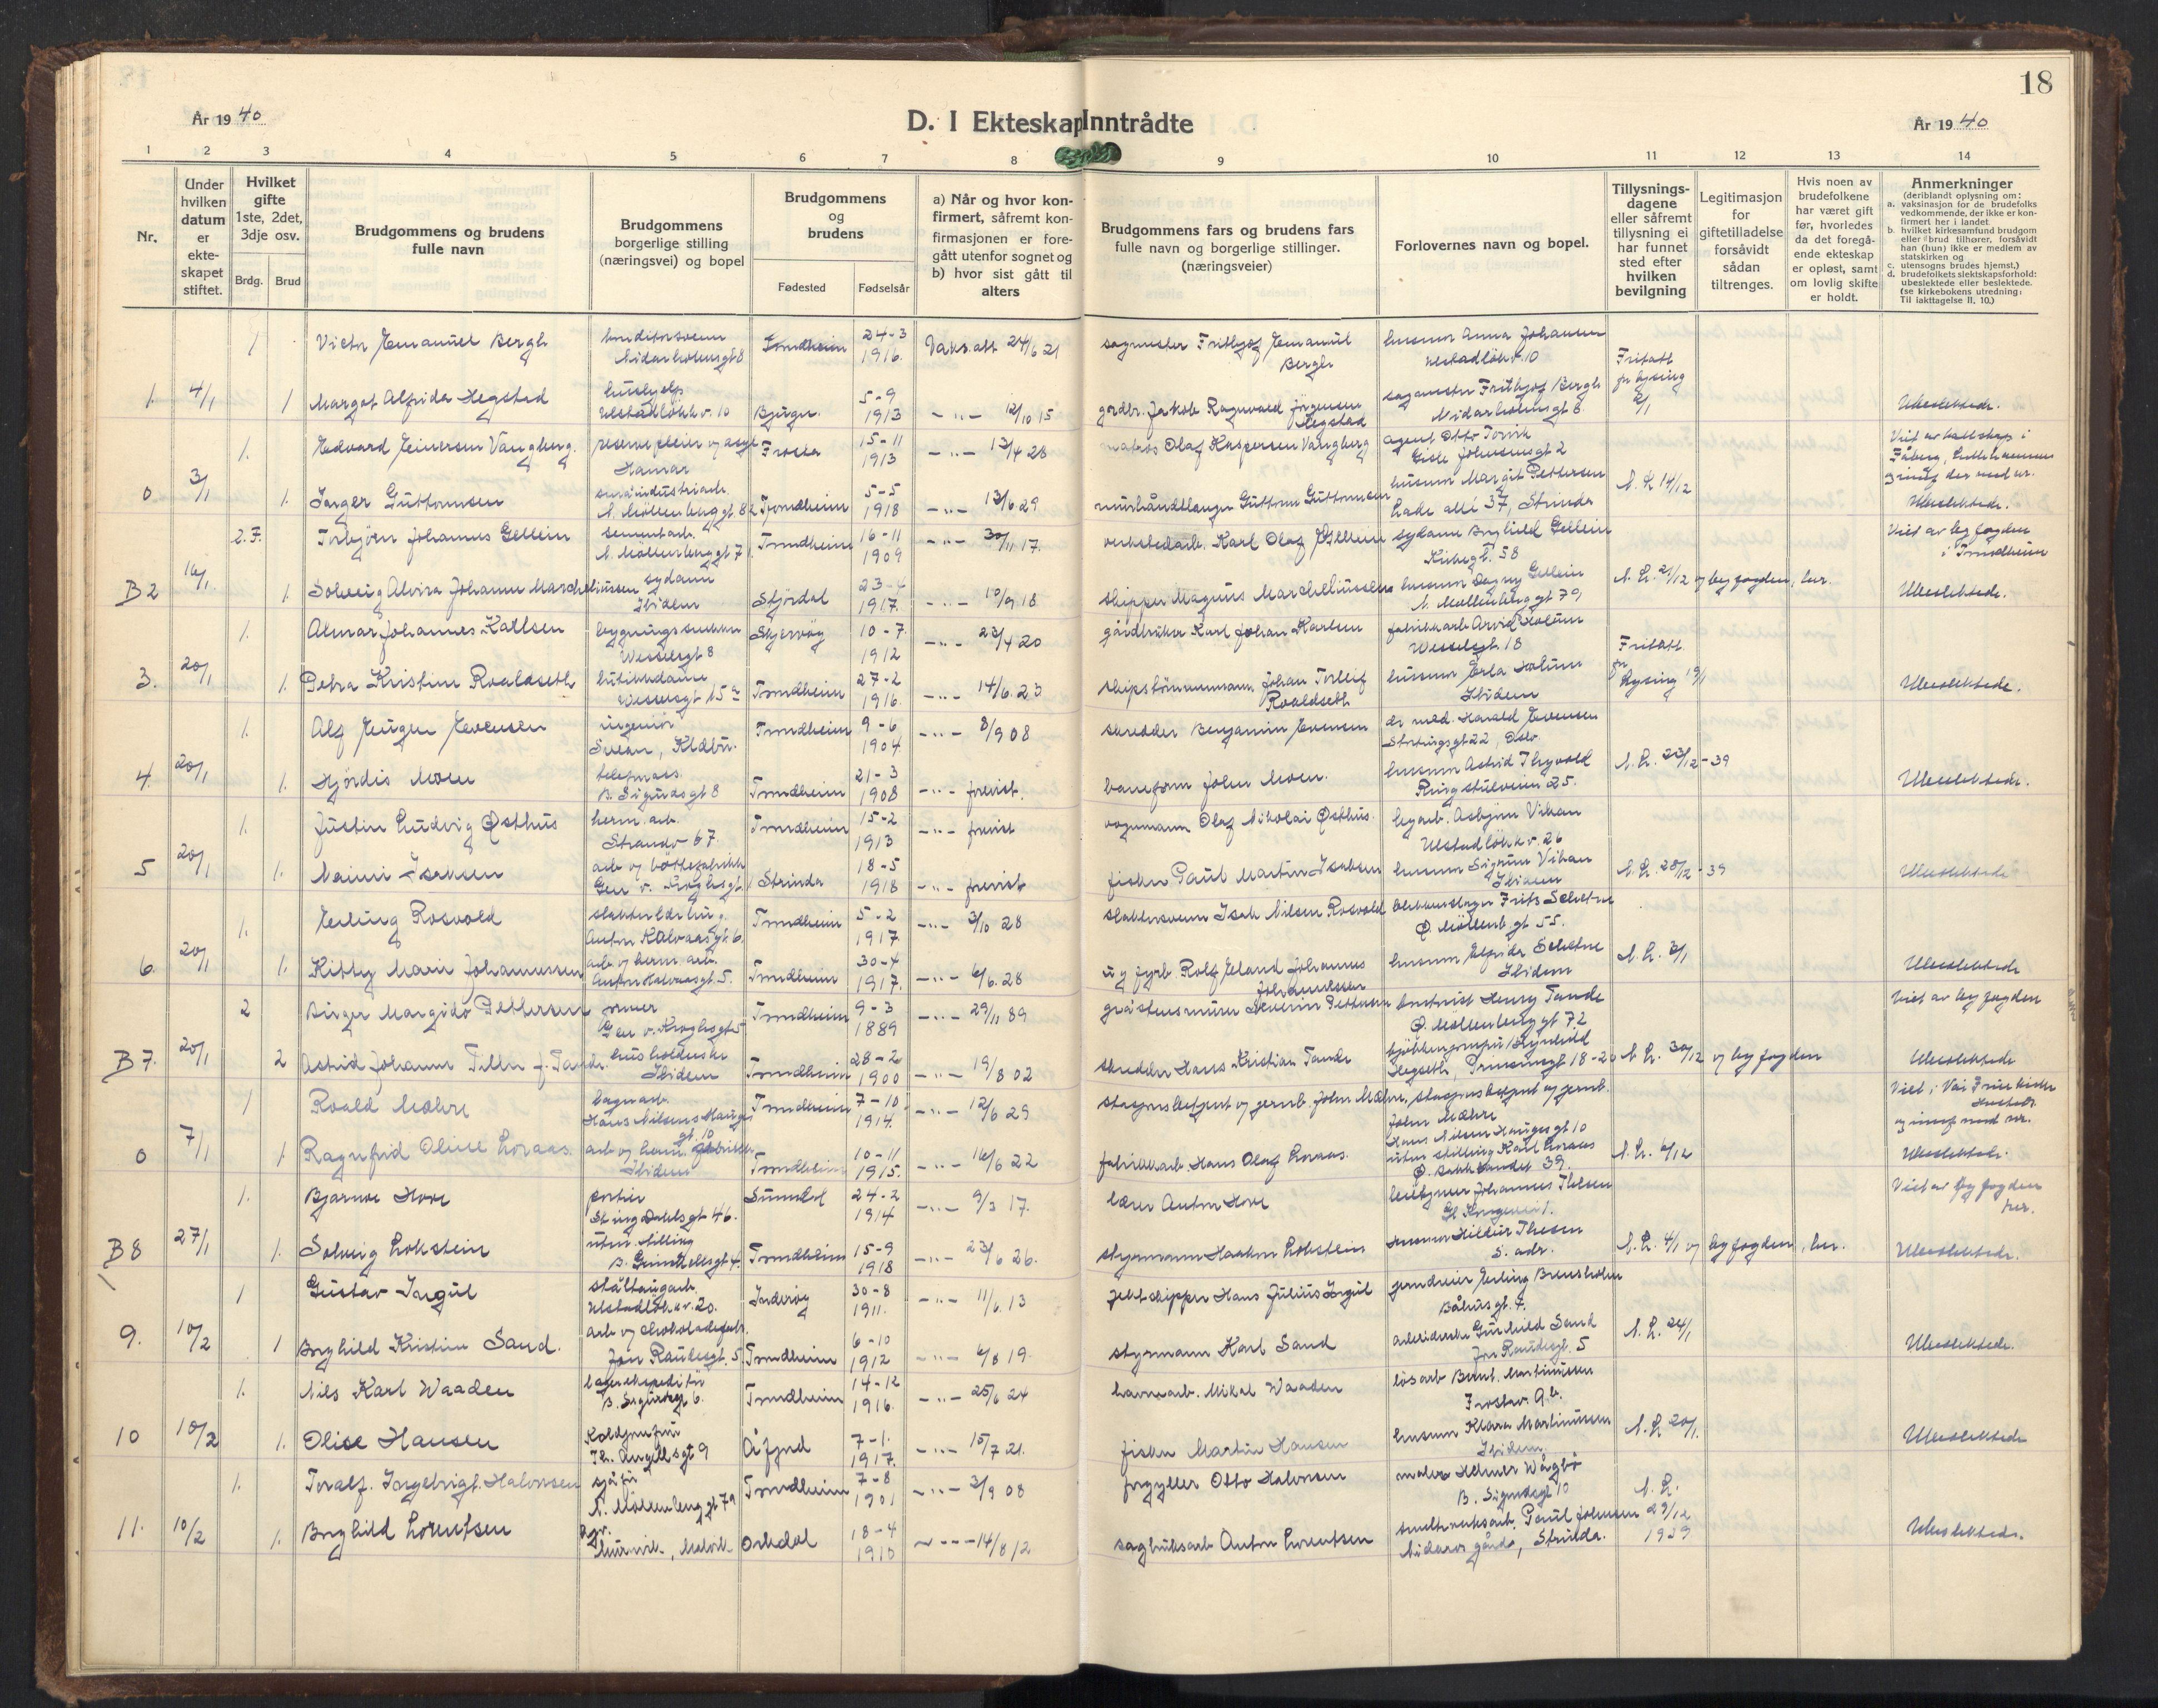 SAT, Ministerialprotokoller, klokkerbøker og fødselsregistre - Sør-Trøndelag, 605/L0263: Klokkerbok nr. 605C10, 1938-1949, s. 18